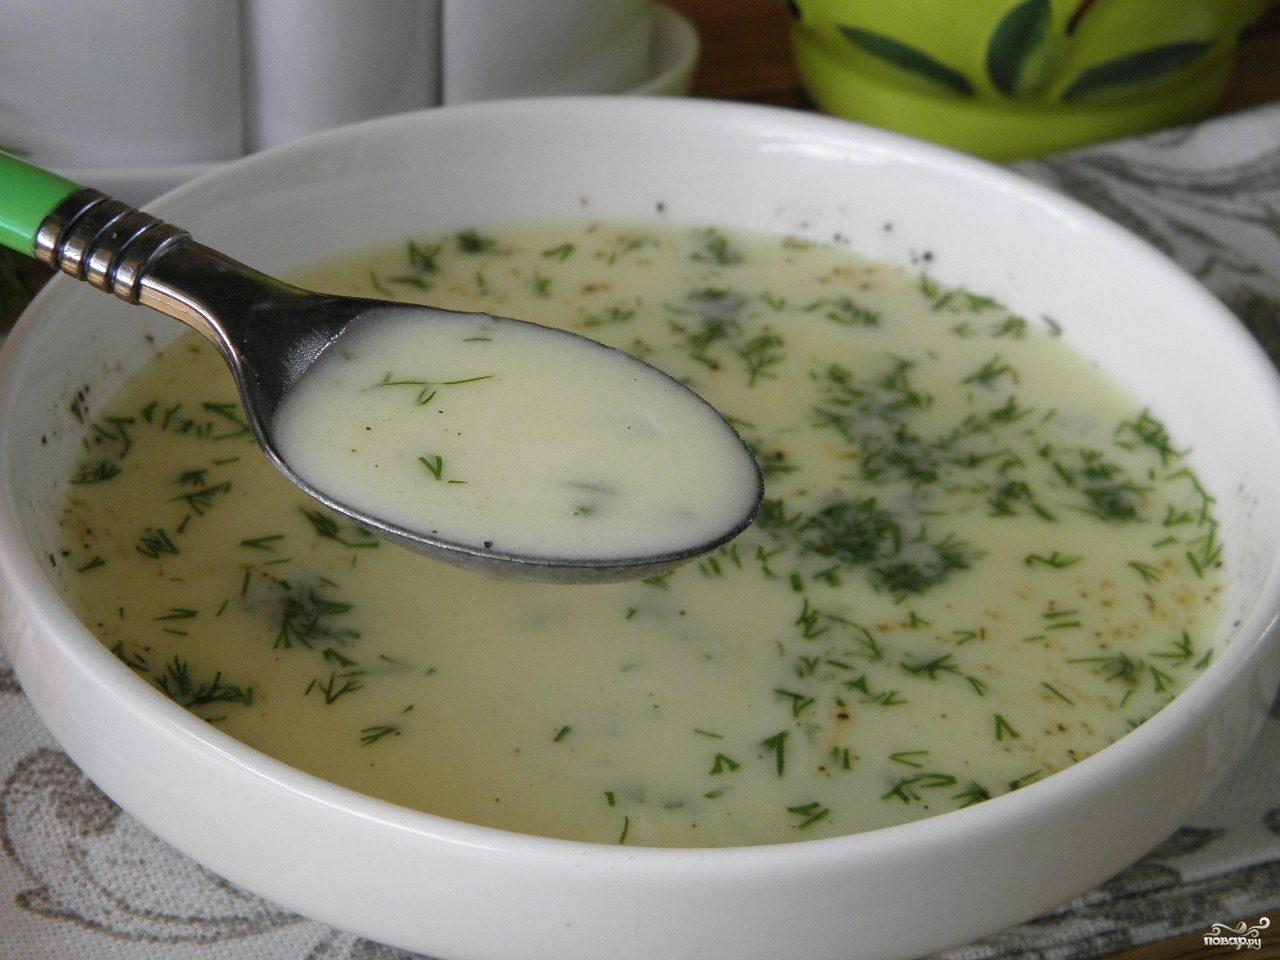 Суп с грибами из плавленных сырков рецепт пошагово в